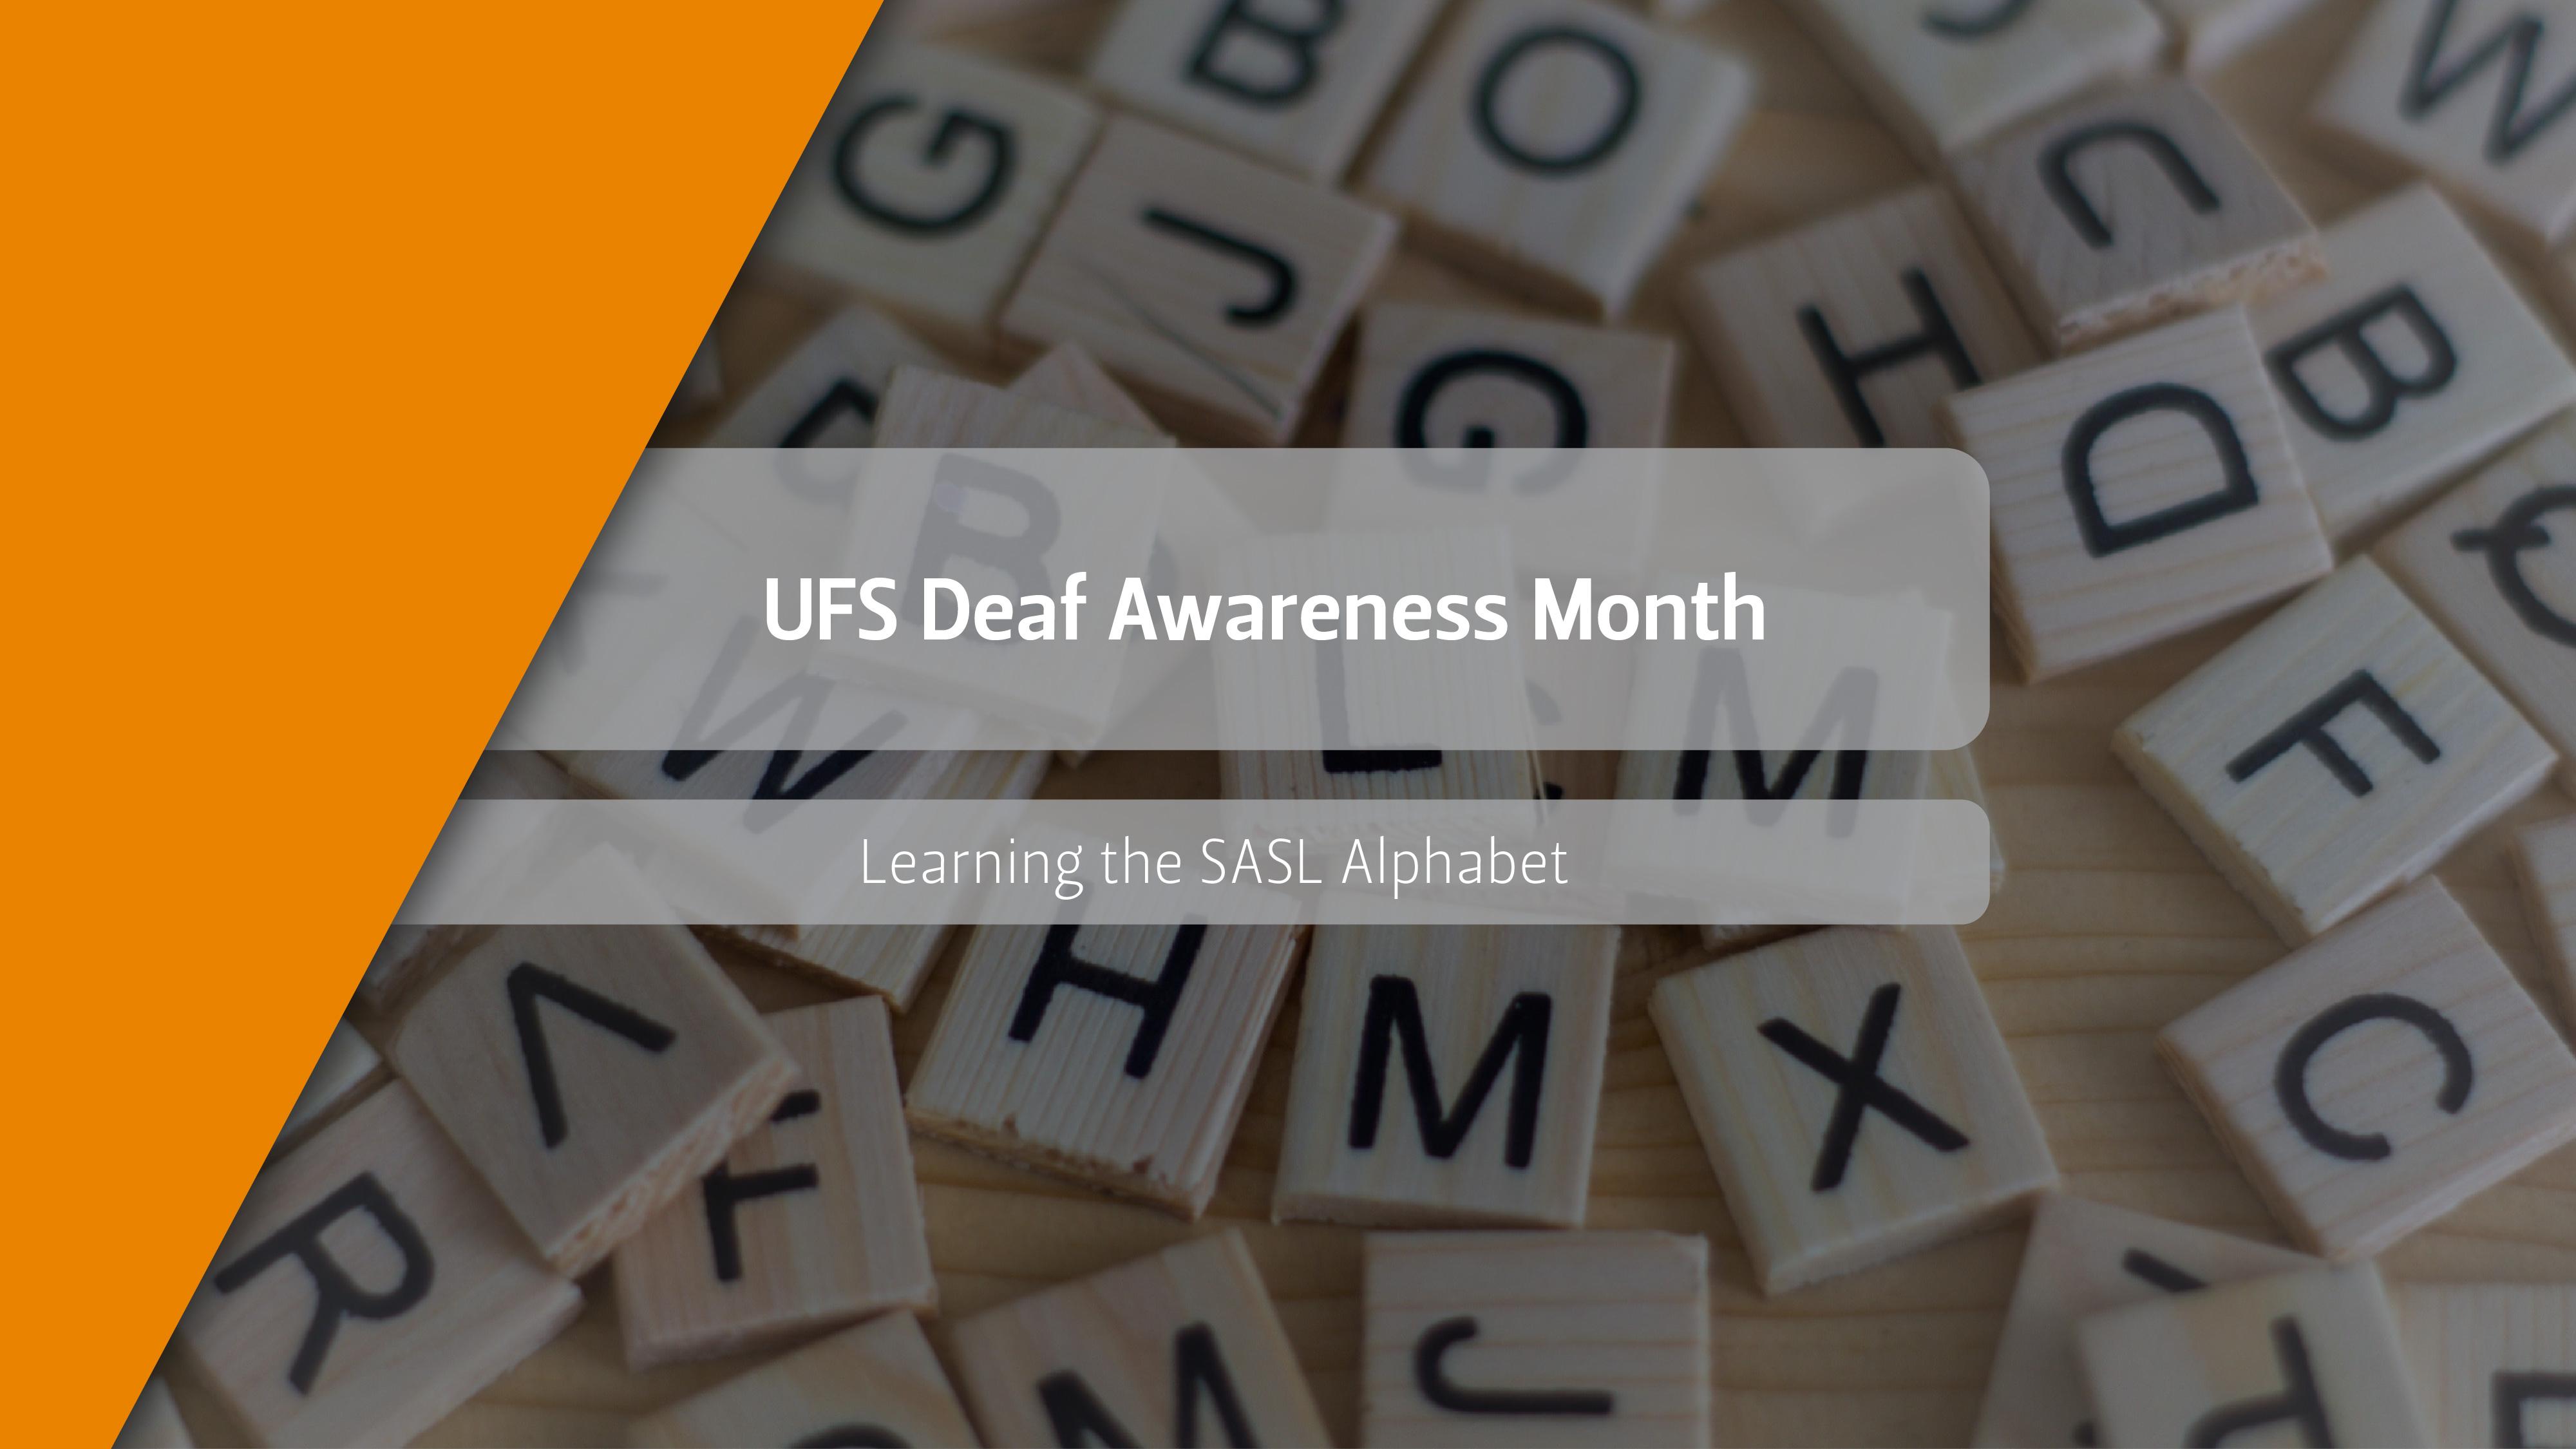 Learn the SASL Alphabet